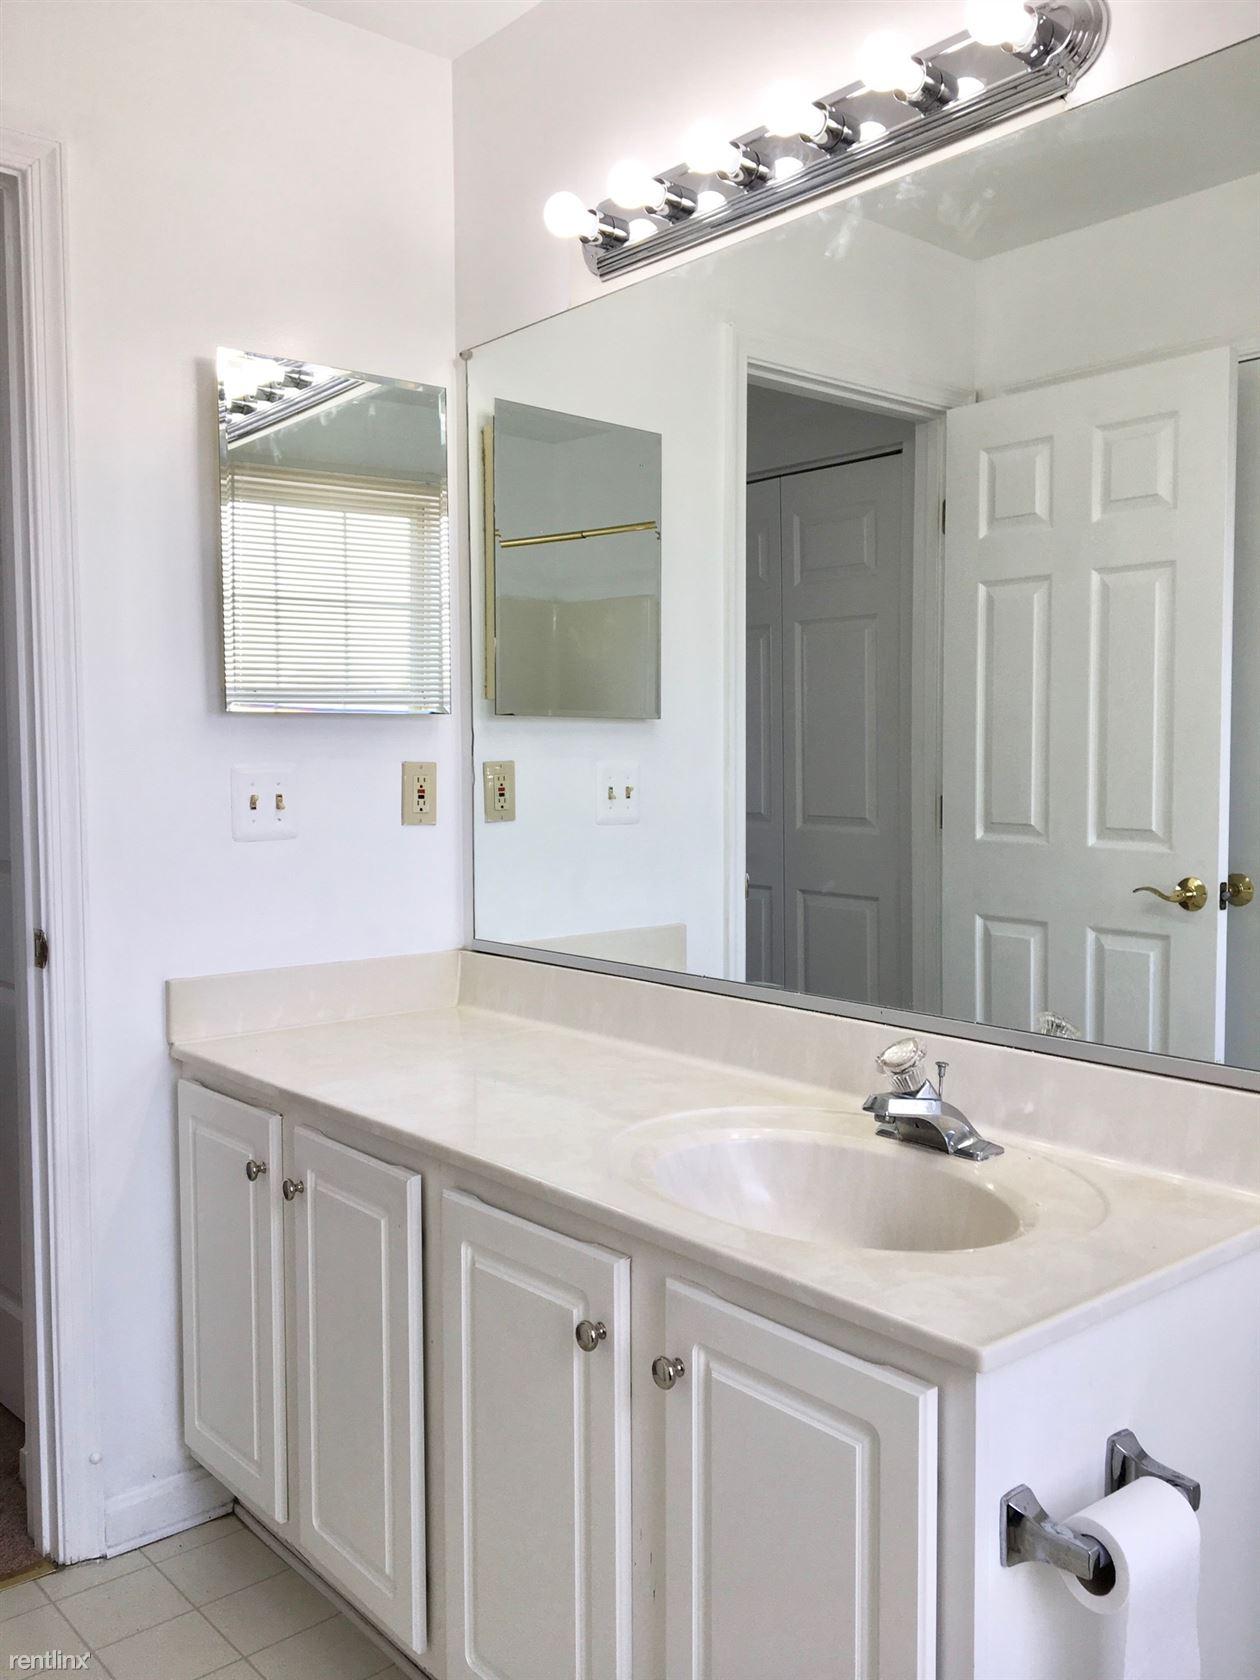 826 Woodmont Ct, Joppa, MD - $1,850